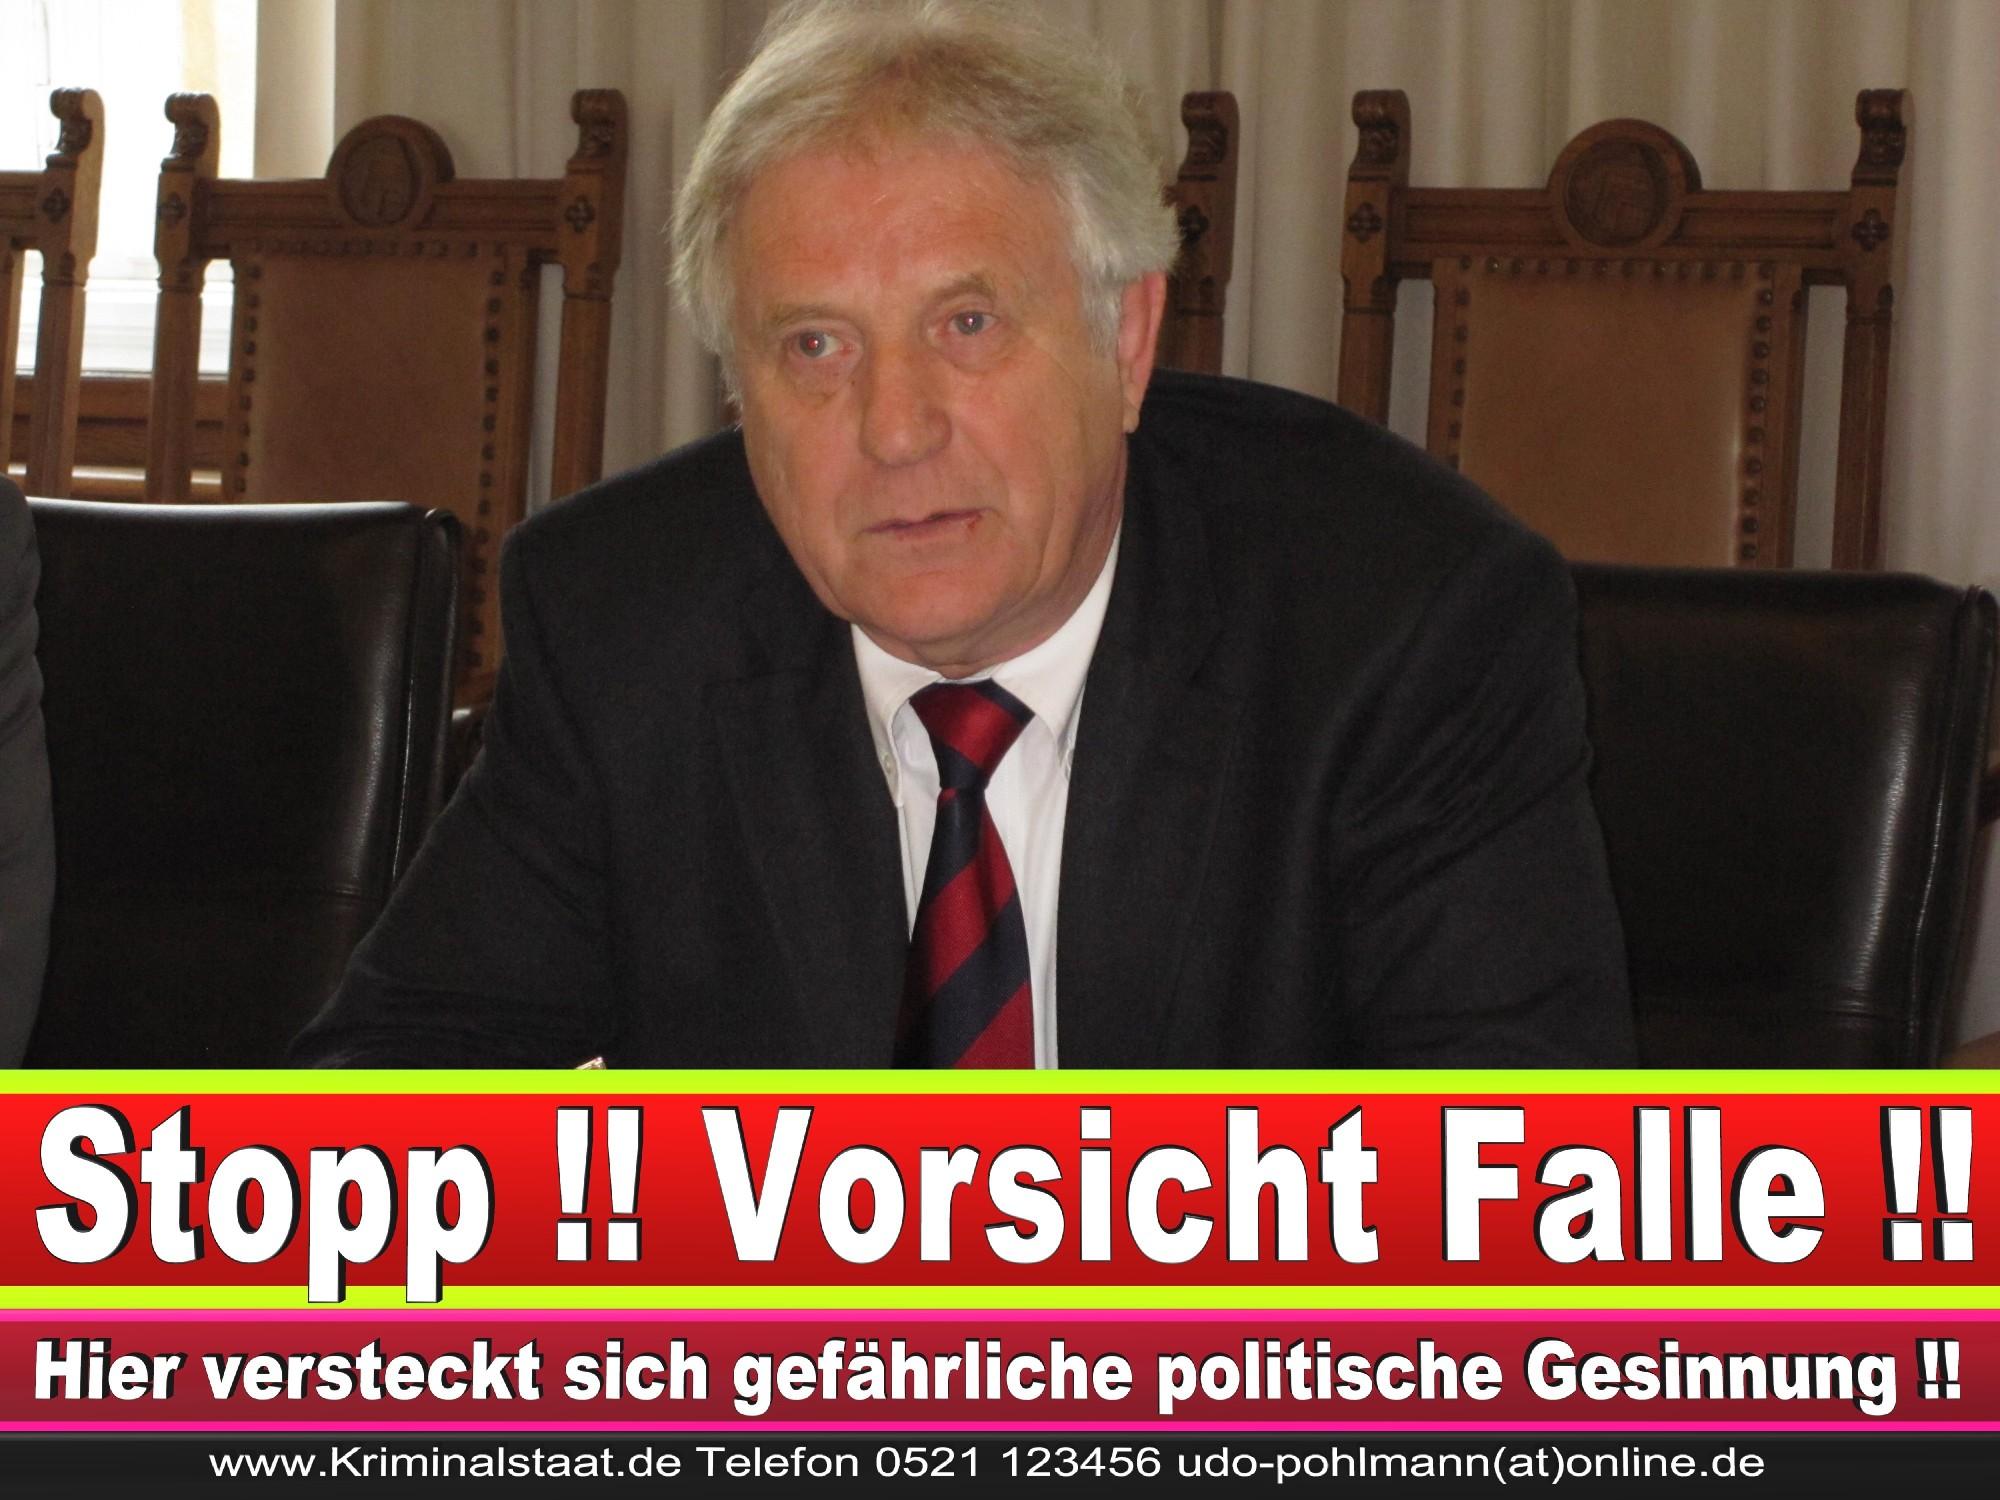 Polizeipräsident Erwin Südfeld Bielefeld Oberbürgermeister Bürgermeister Peter Clausen Pit Clausen Bielefeld (20)